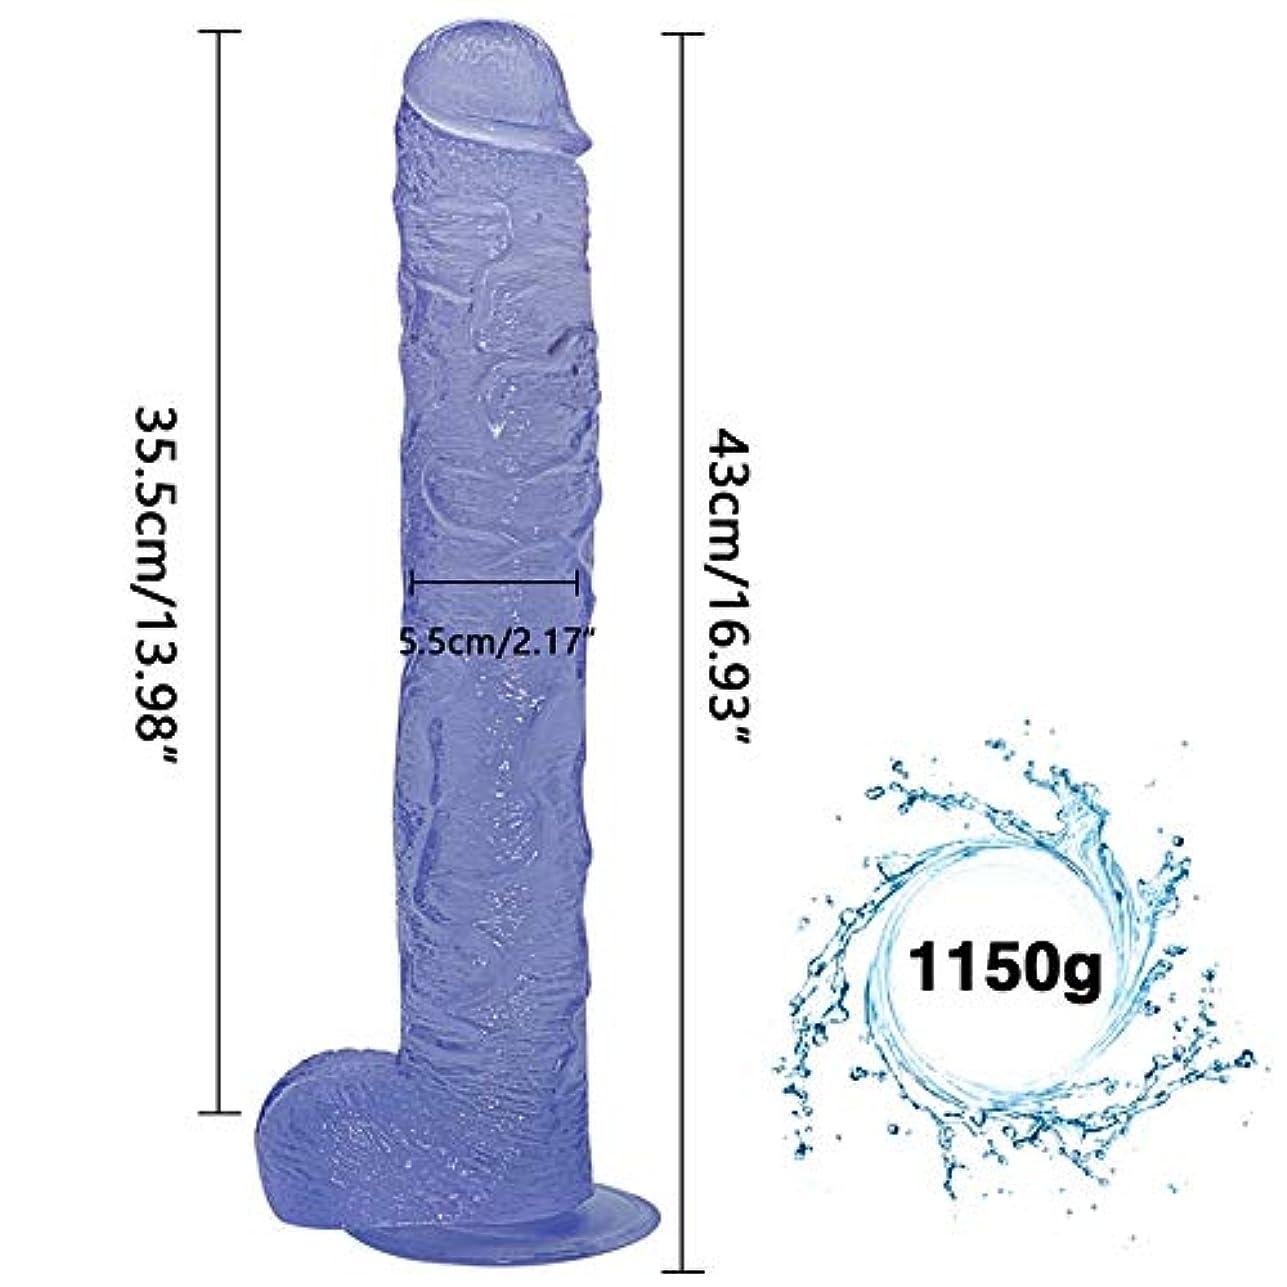 進捗乱暴なポゴスティックジャンプ女性のための 柔らかい杖の柔軟なおもちゃ、肉質のおもちゃ、女性16.93インチ-ブルー-daxuedasan2.1